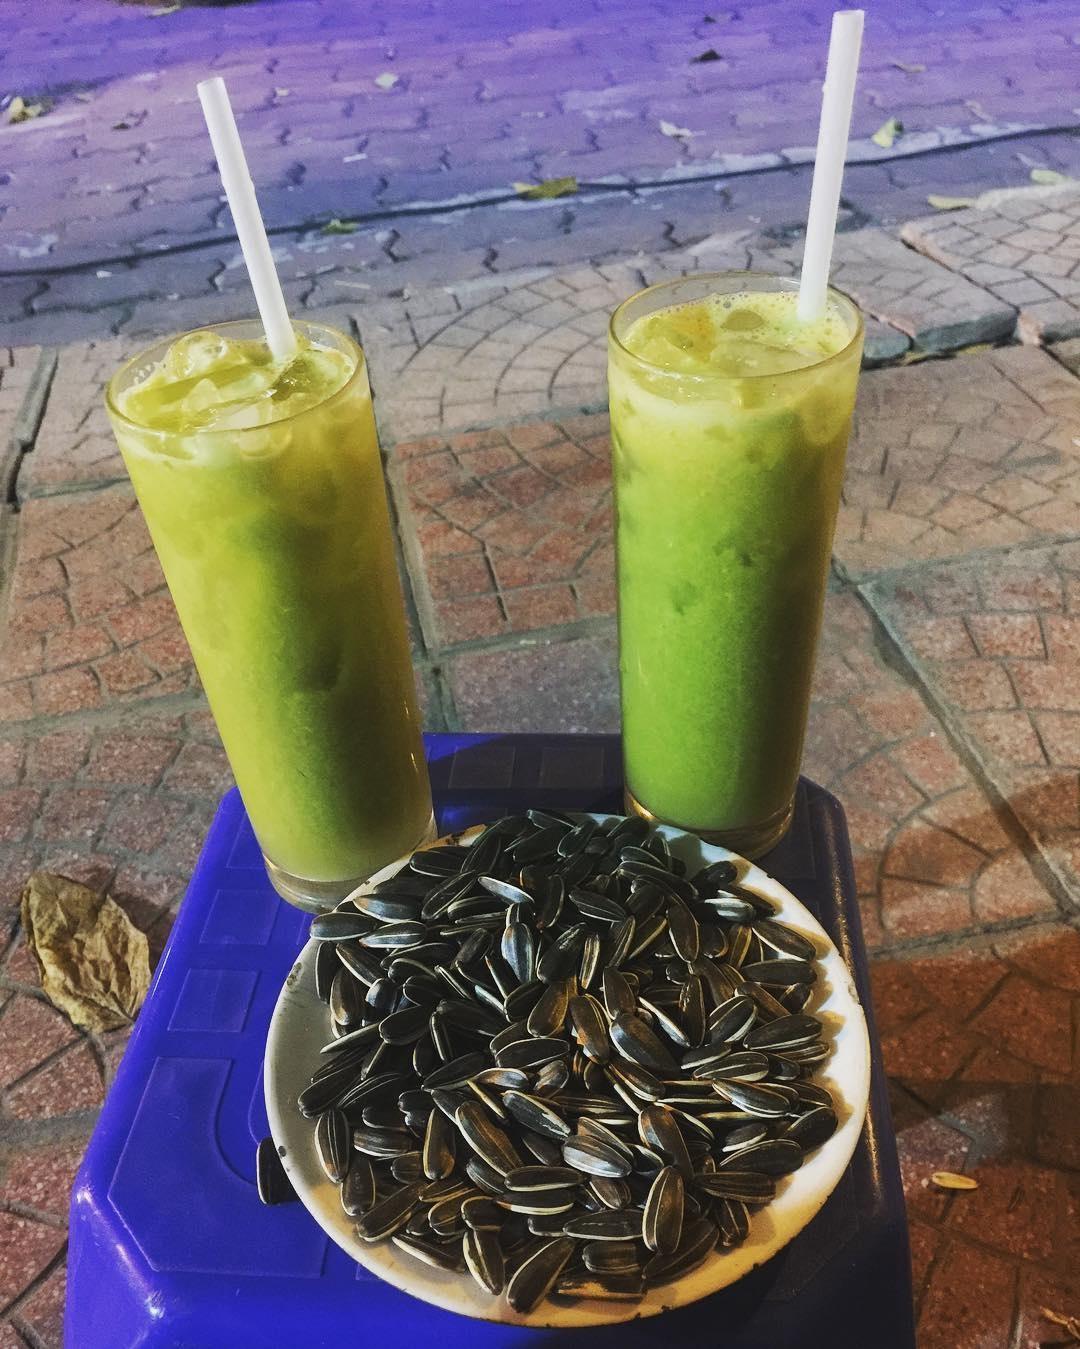 Cát Linh là một trong những con phố sở hữu nhiều điểm bán nước ép, sinh tố trái cây cho mùa hè.(Ảnh: Beothongminh)